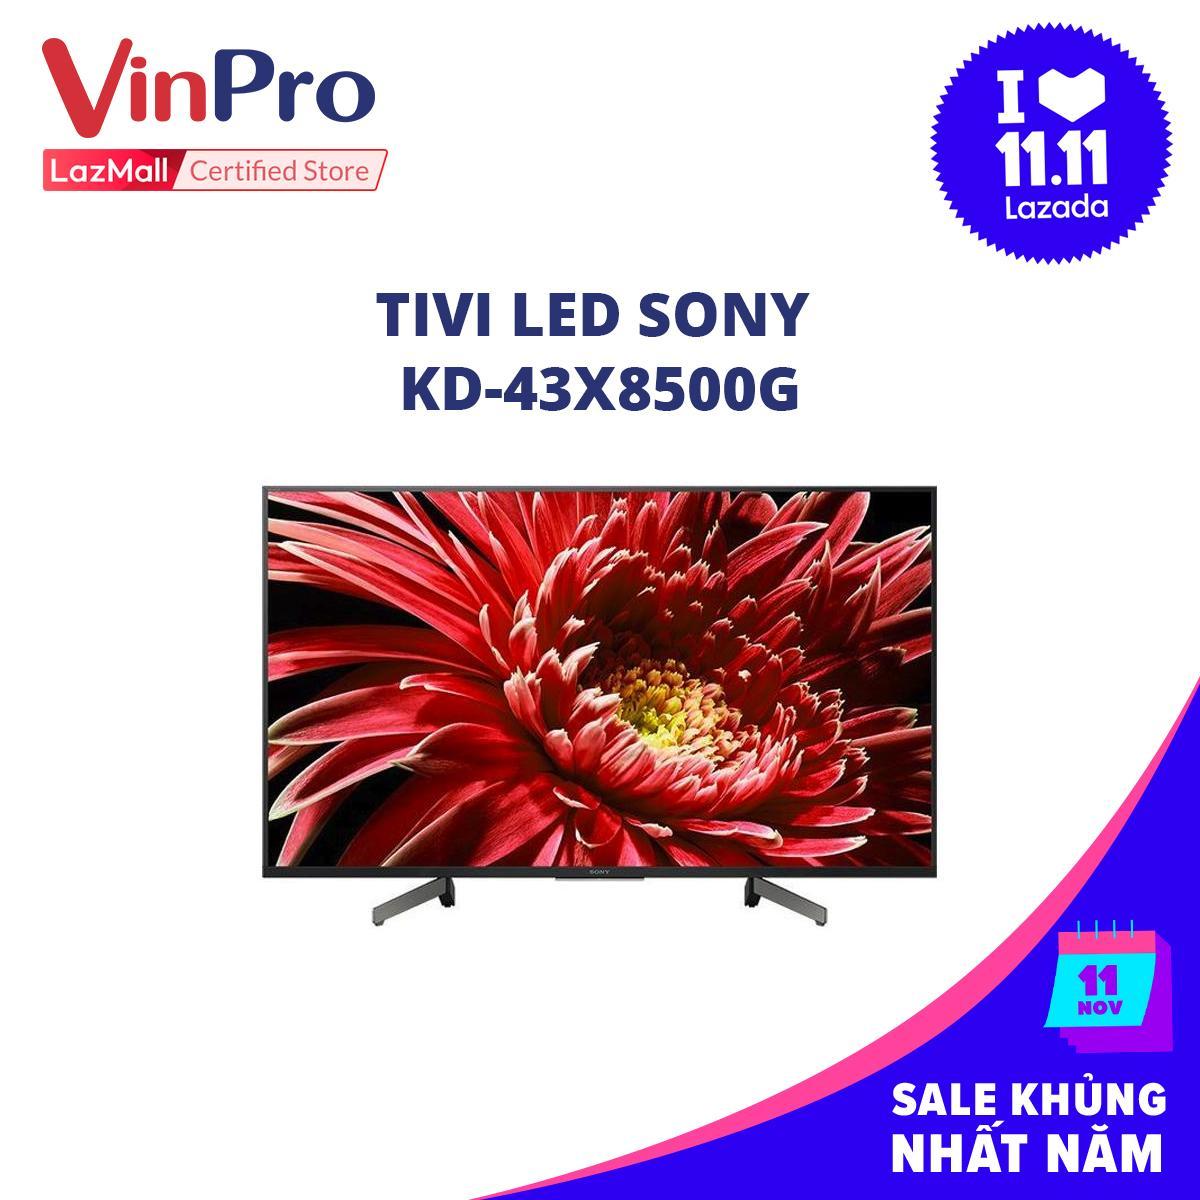 Bảng giá TIVI LED SONY KD-43X8500G